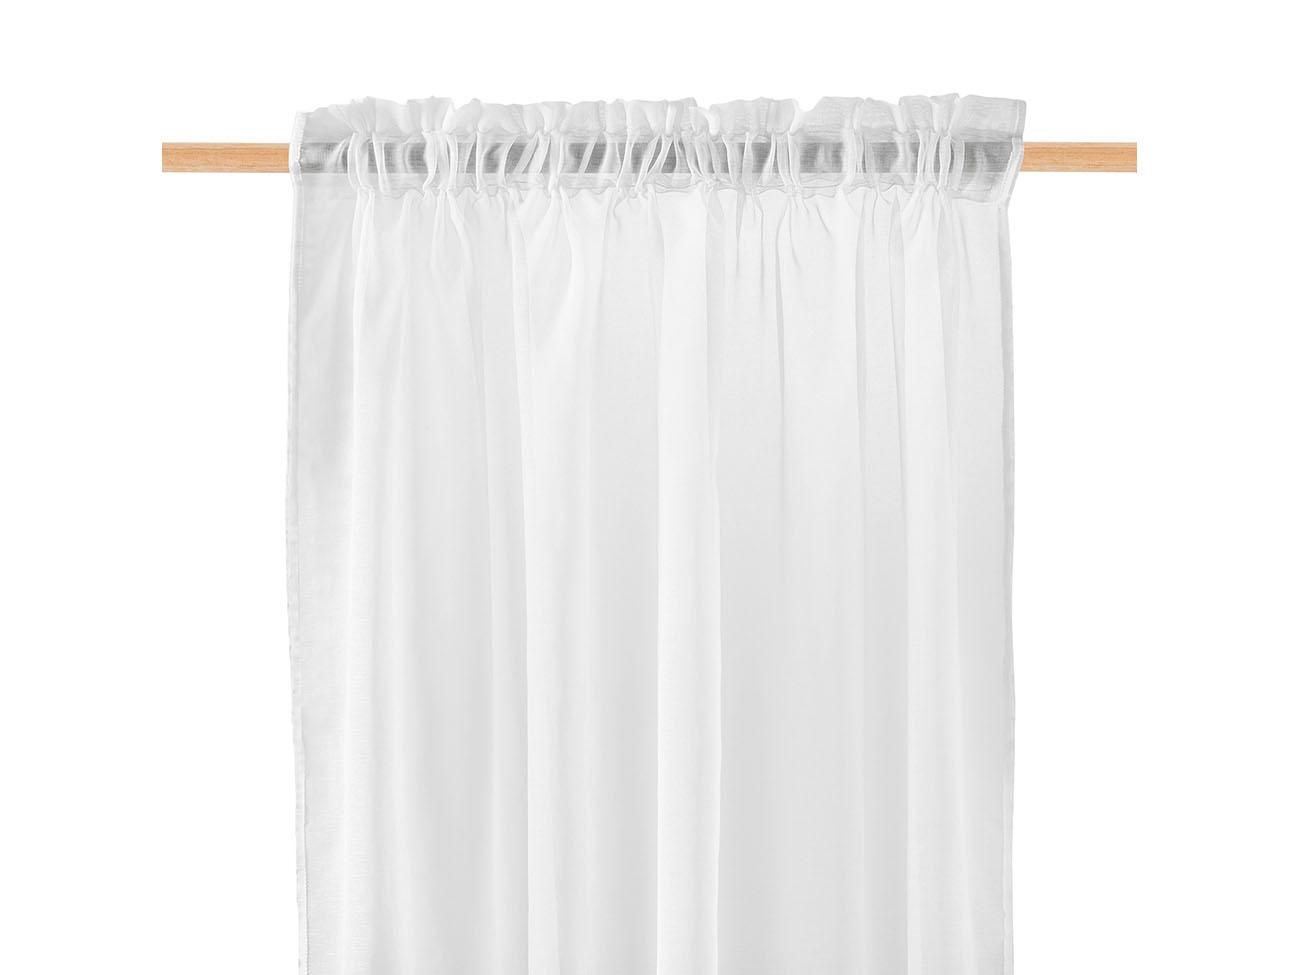 Dekorační záclona SOLEDA bílá s řasící páskou 140x250 cm MyBestHome